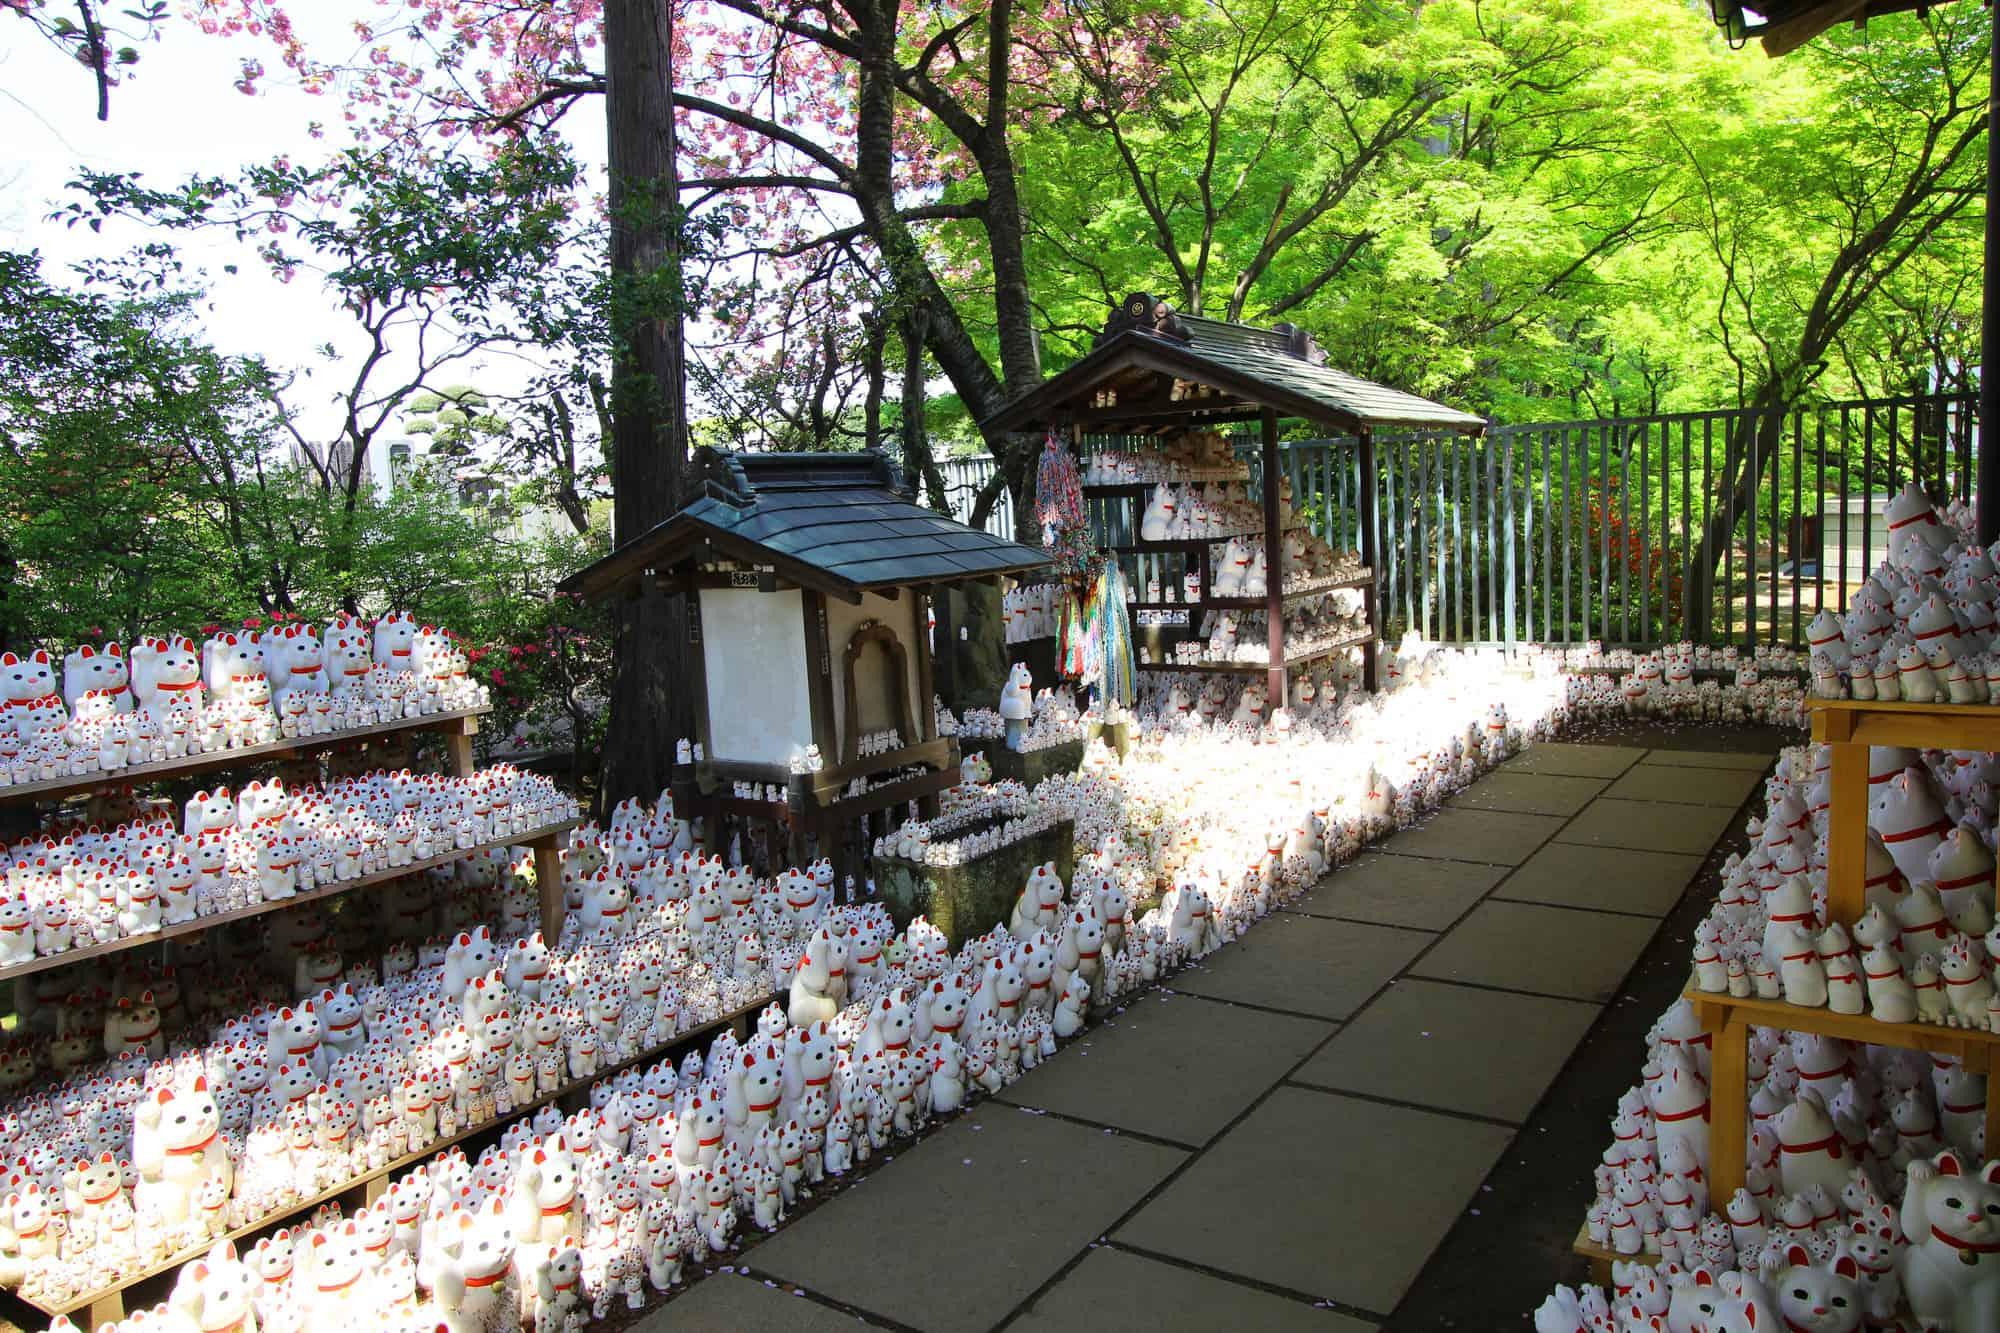 วัดโกโทคุจิ (Gotokuji Temple)